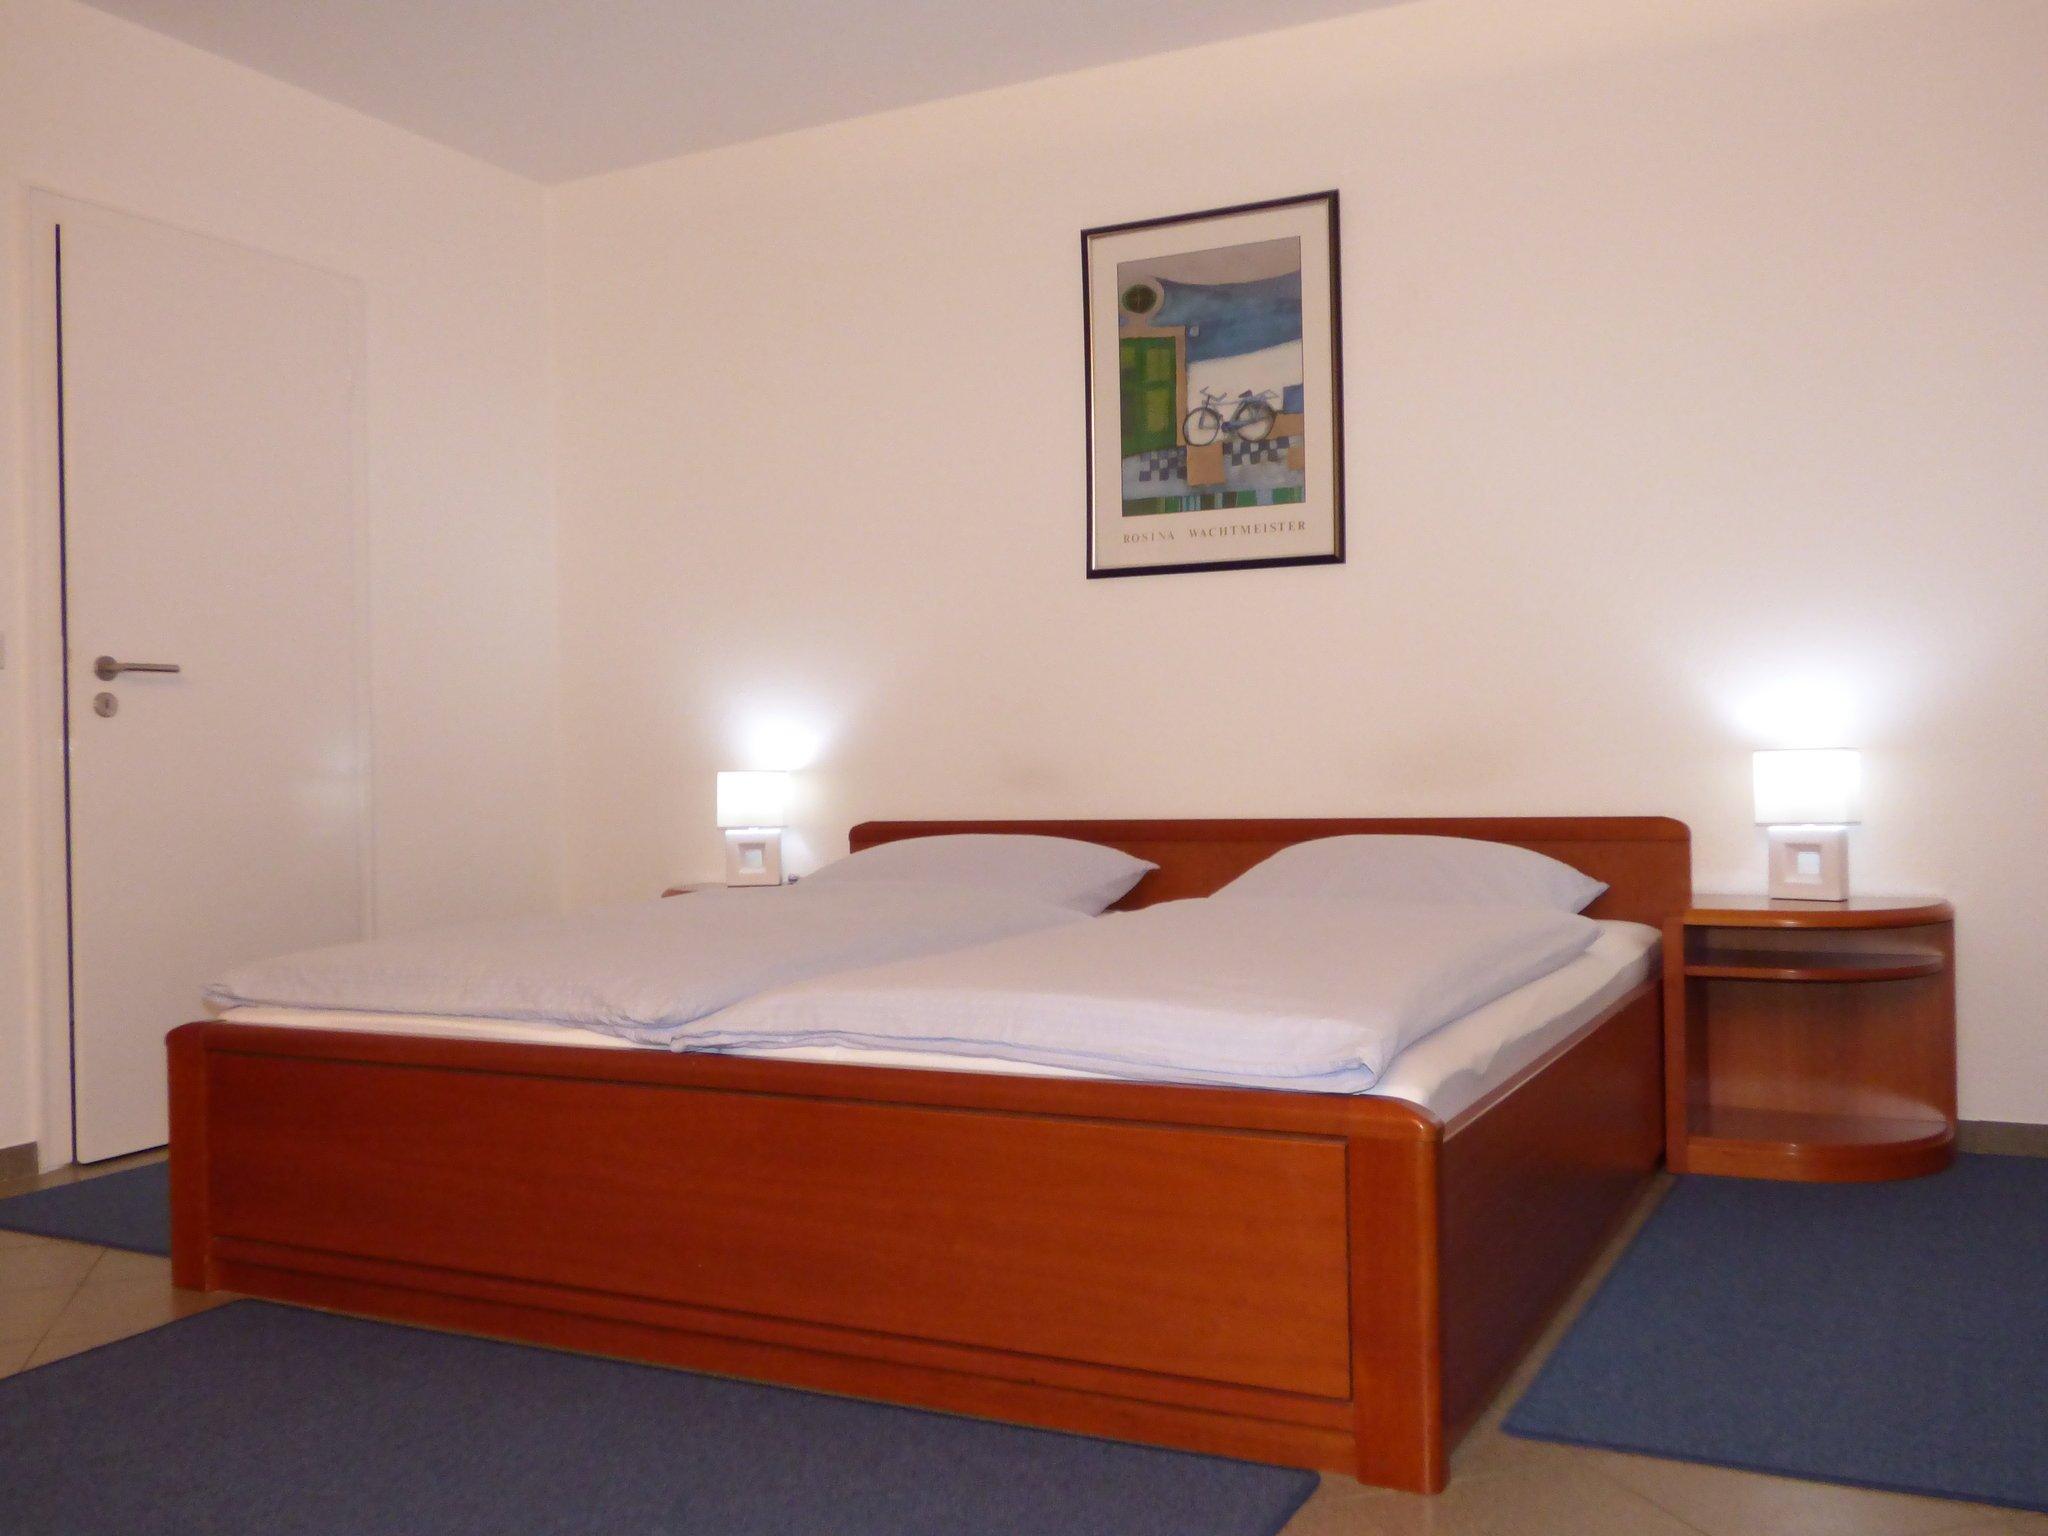 ホテル アルト ビュットゲン